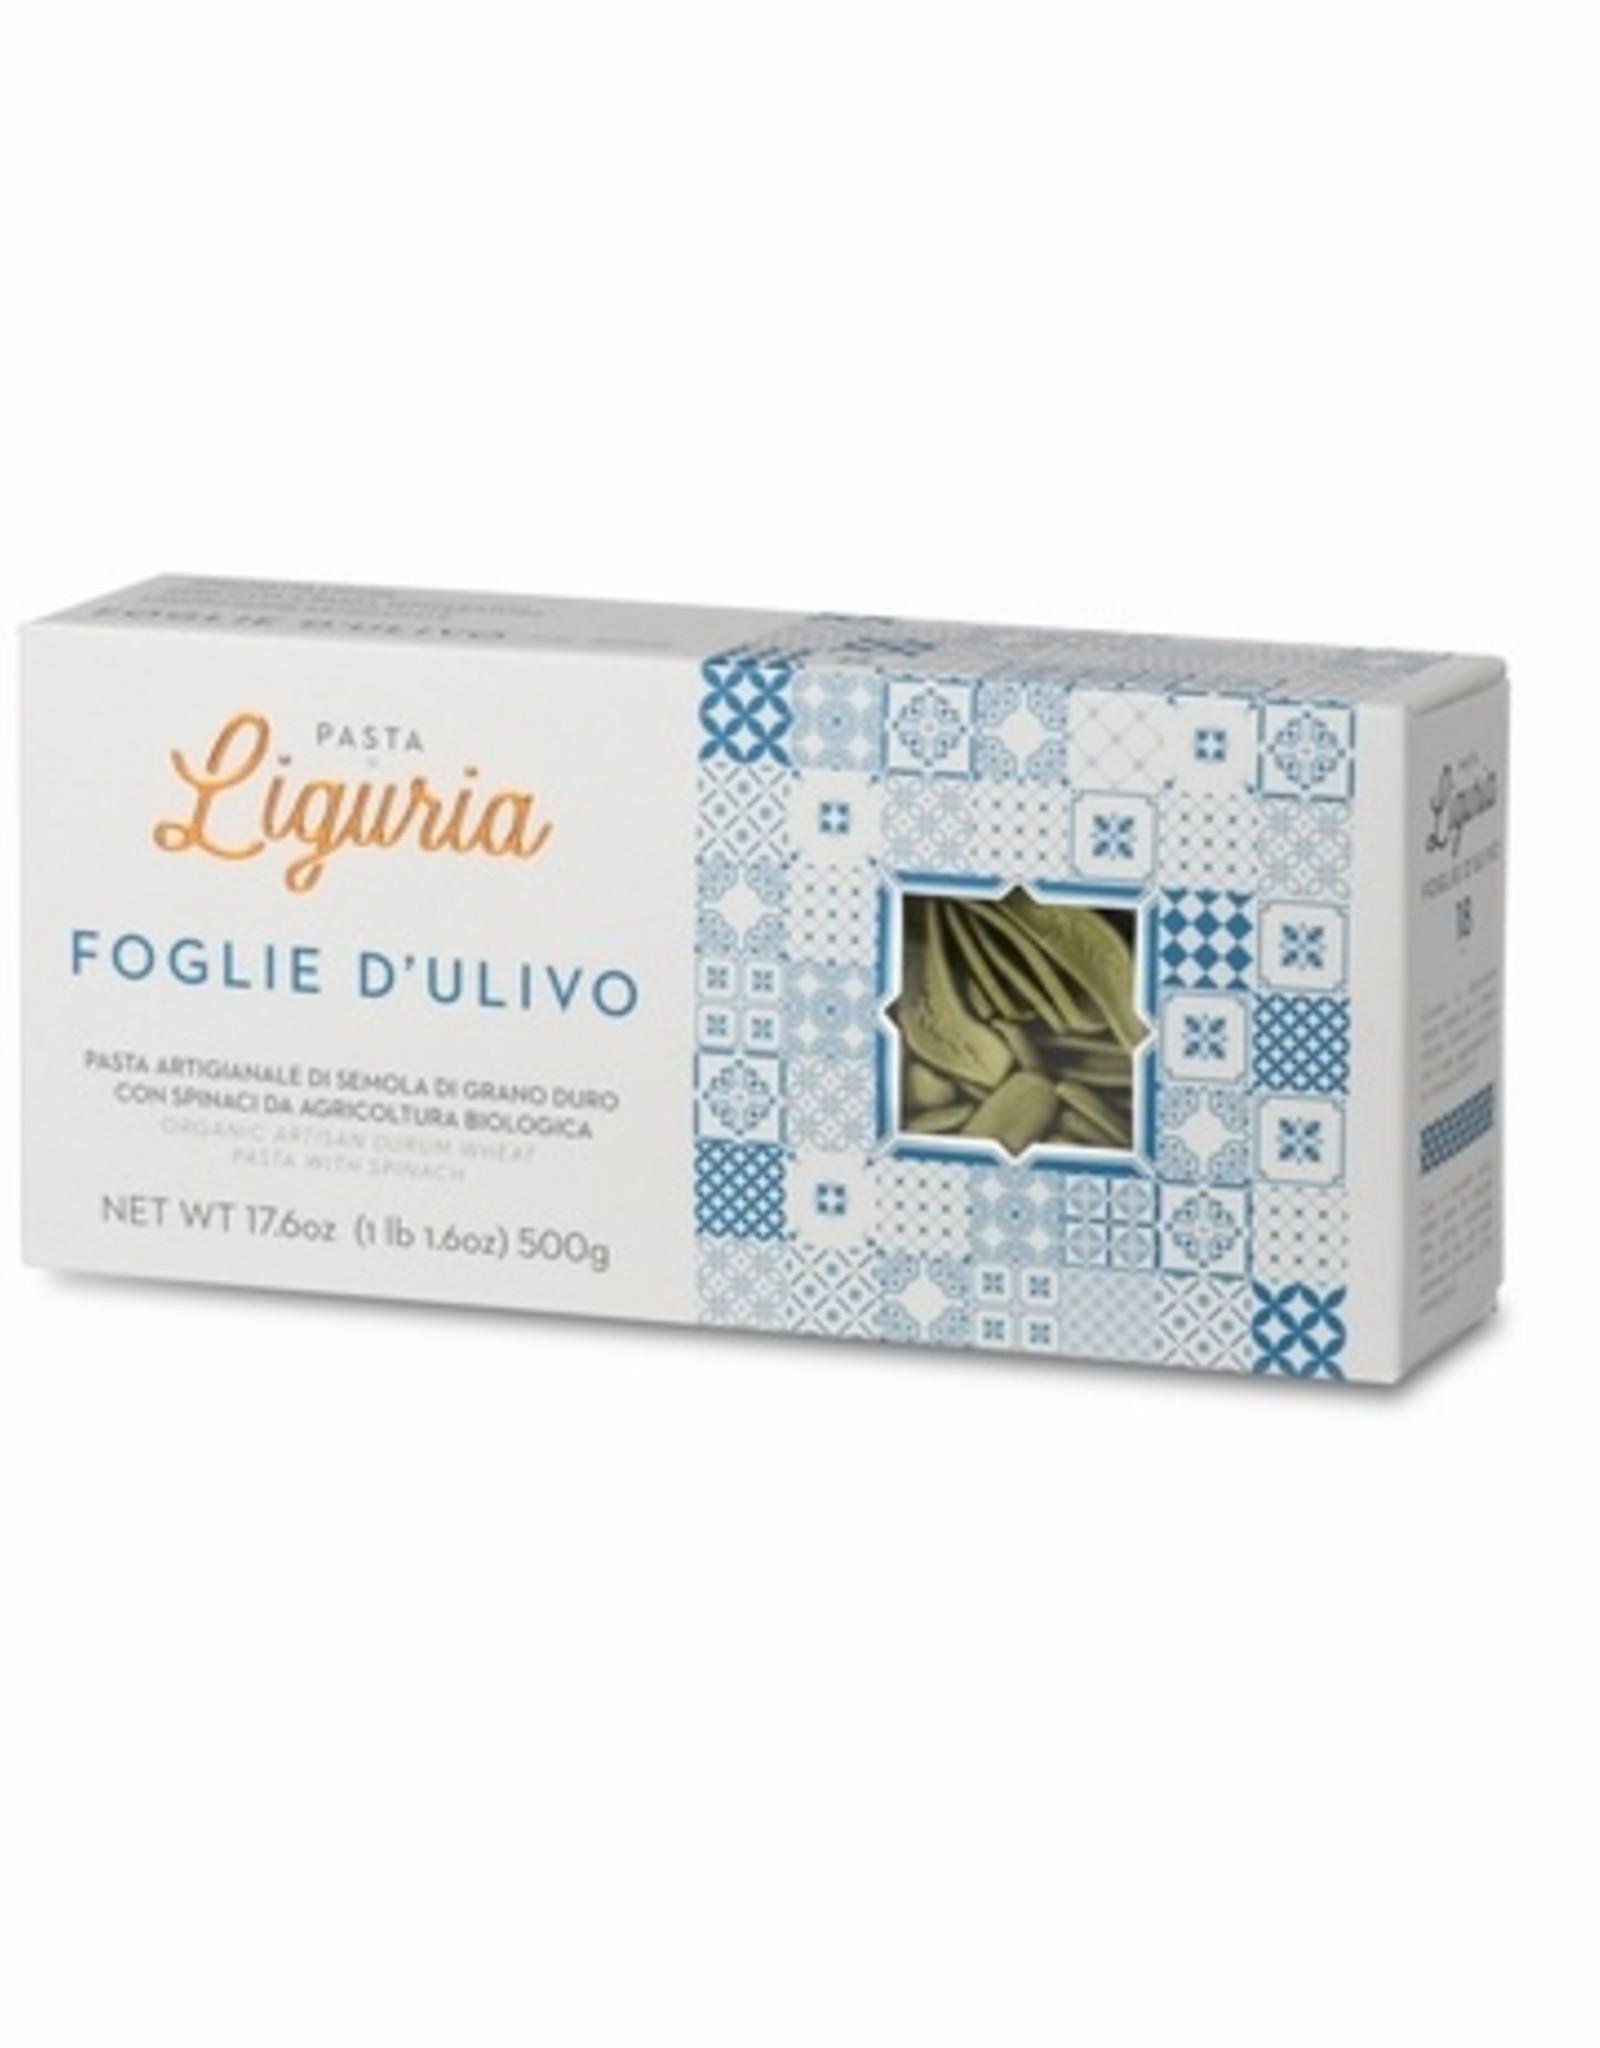 Foglie d`Ulivo 500g - Pasta aus Ligurien